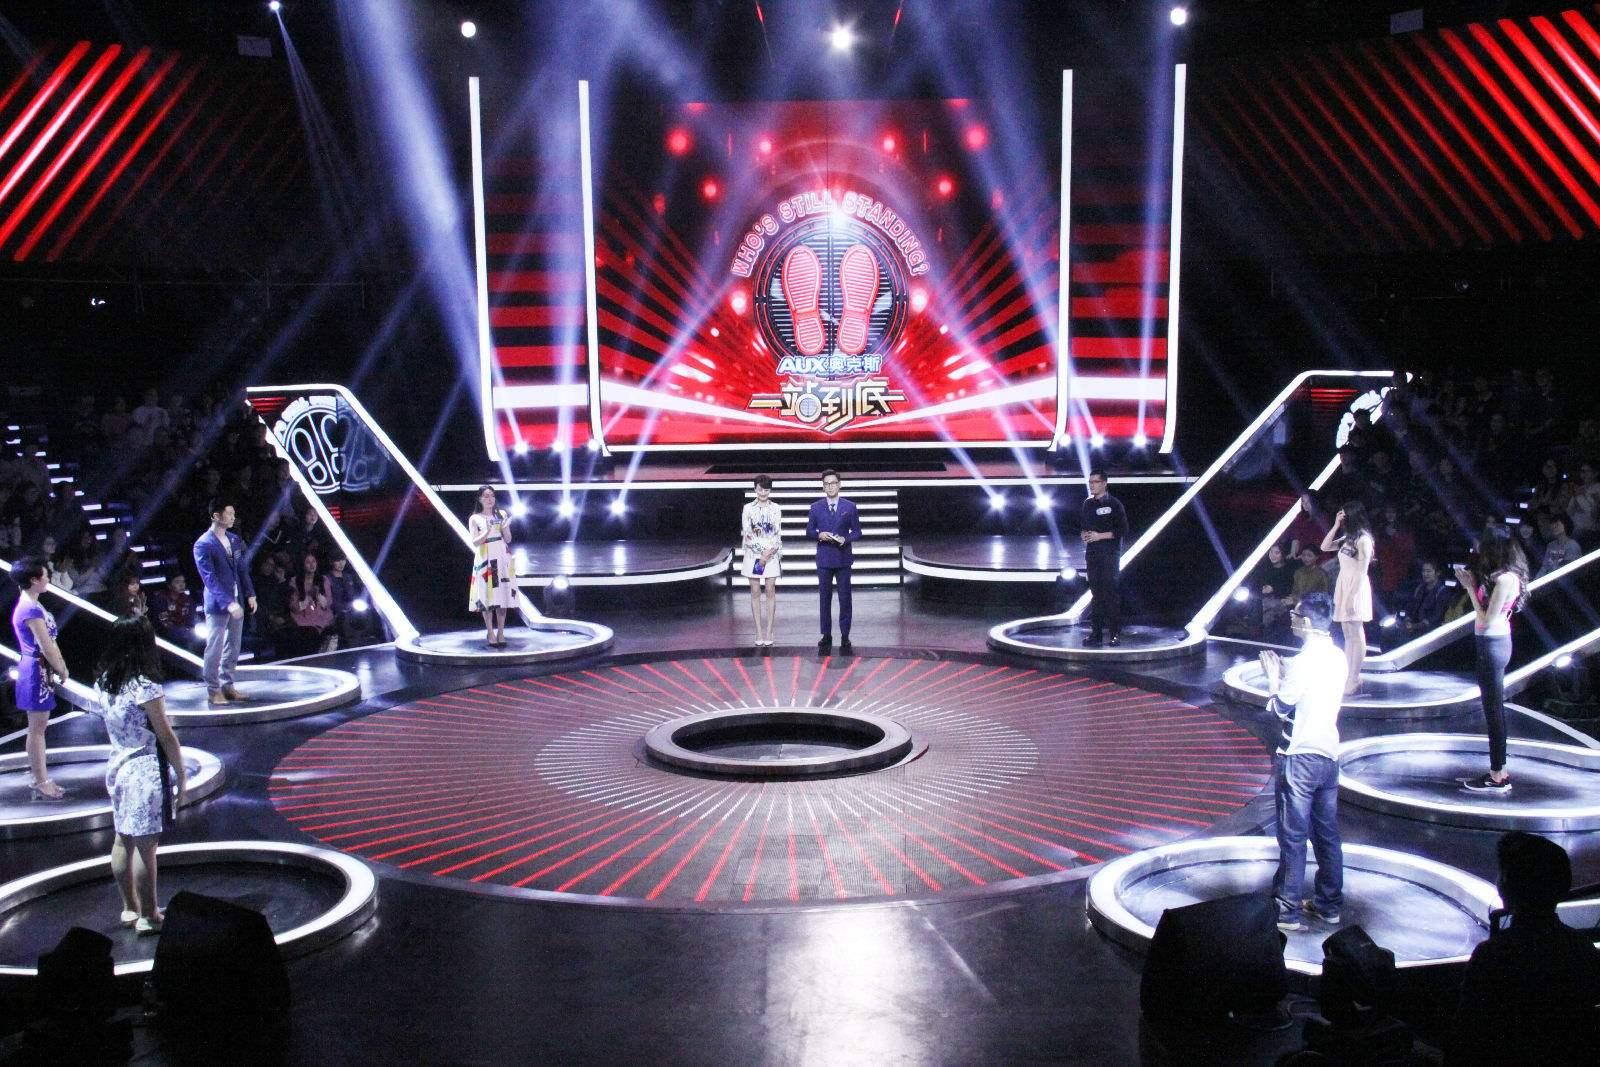 2021年10月31日綜藝節目收視率排行榜:一站到底收視第三